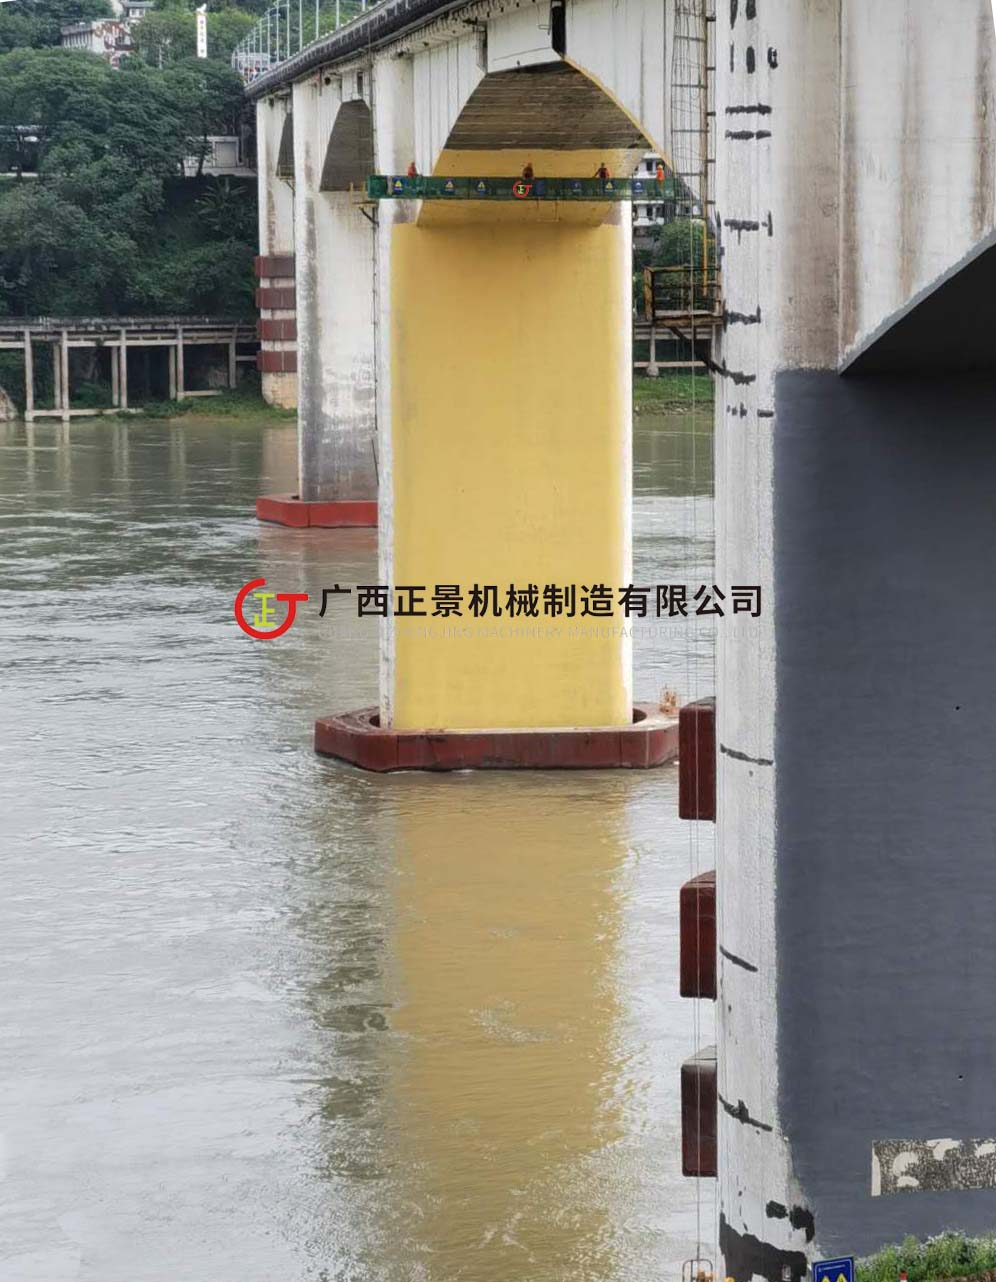 吊篮式桥梁检测车